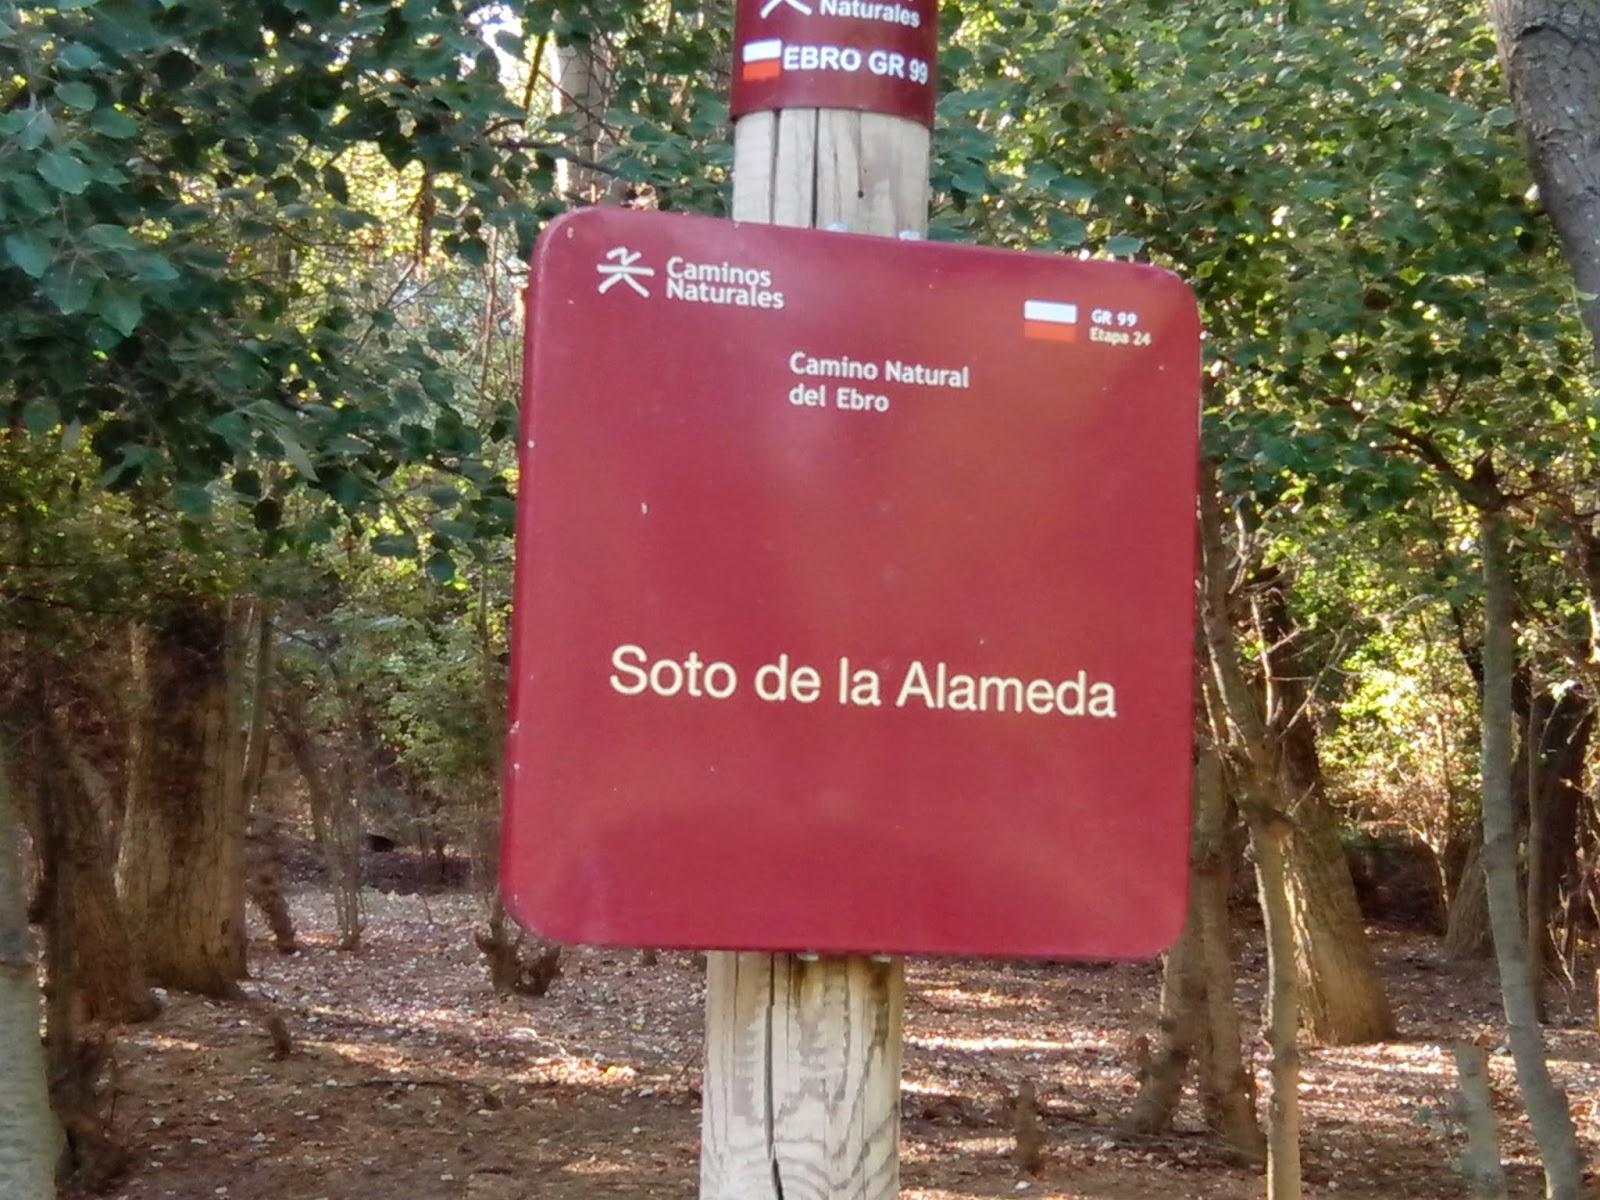 Soto de la Alameda